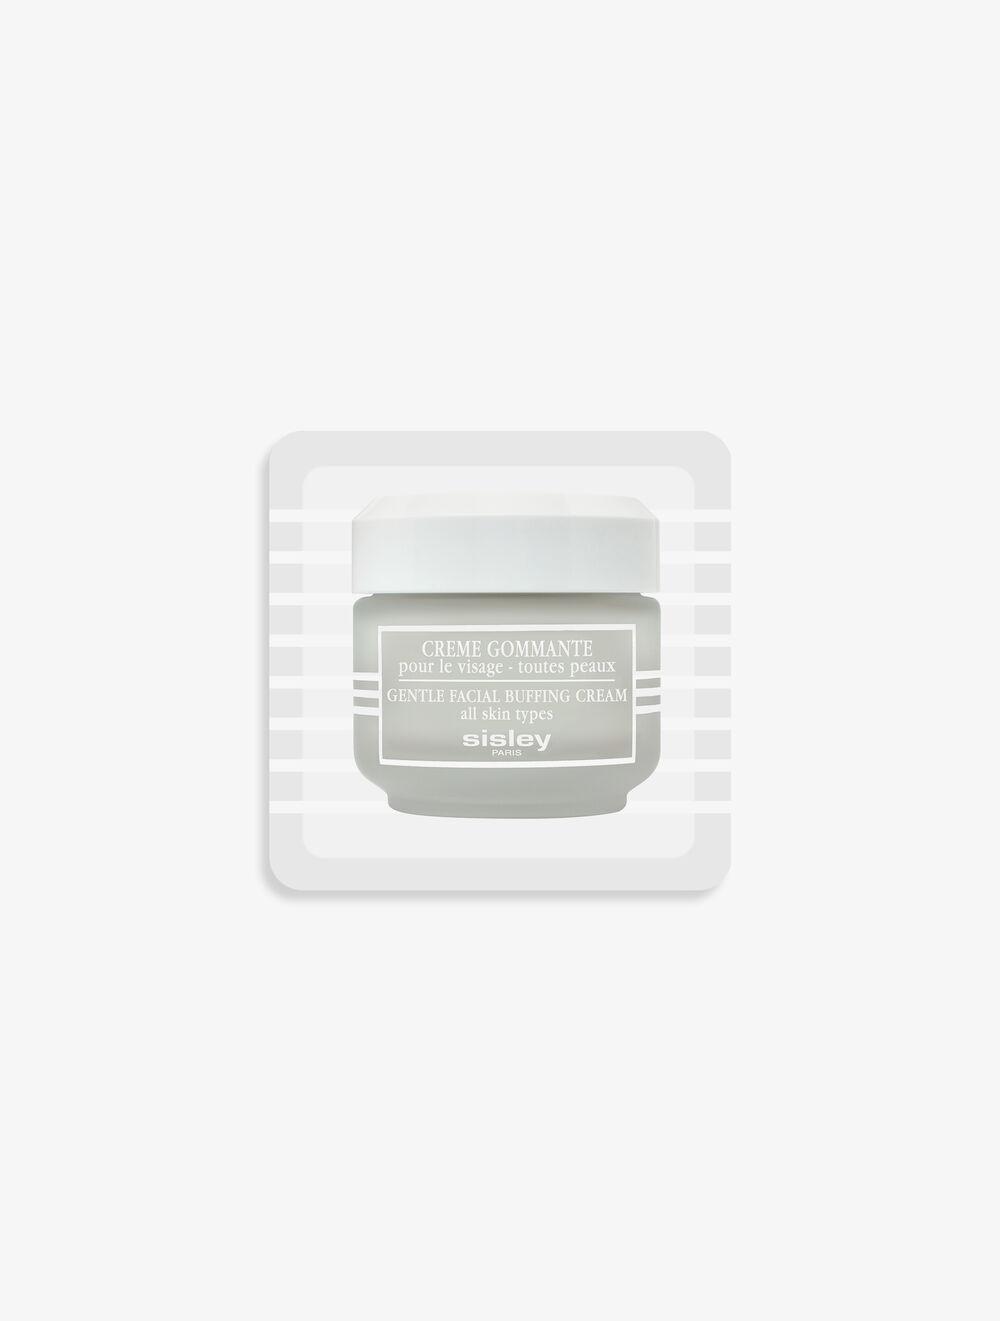 Crème Gommante Visage 4 ml